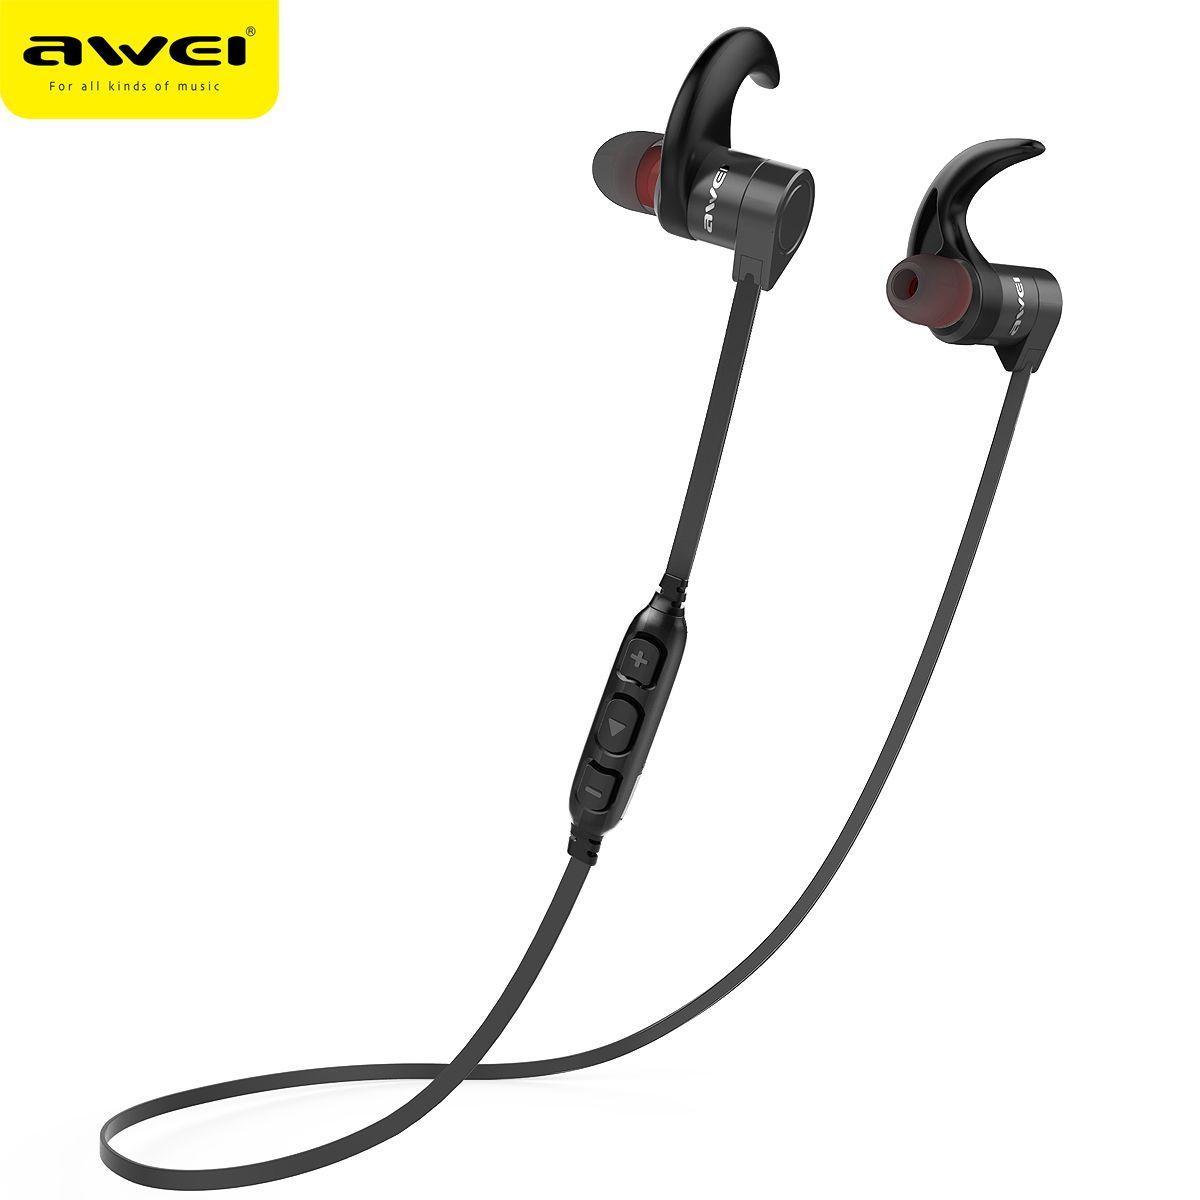 AWEI AK3 Bluetooth Earphone Waterproof Wireless Headset Casque With Microphone Cordless Earphone Earpiece Audifonos Earbuds